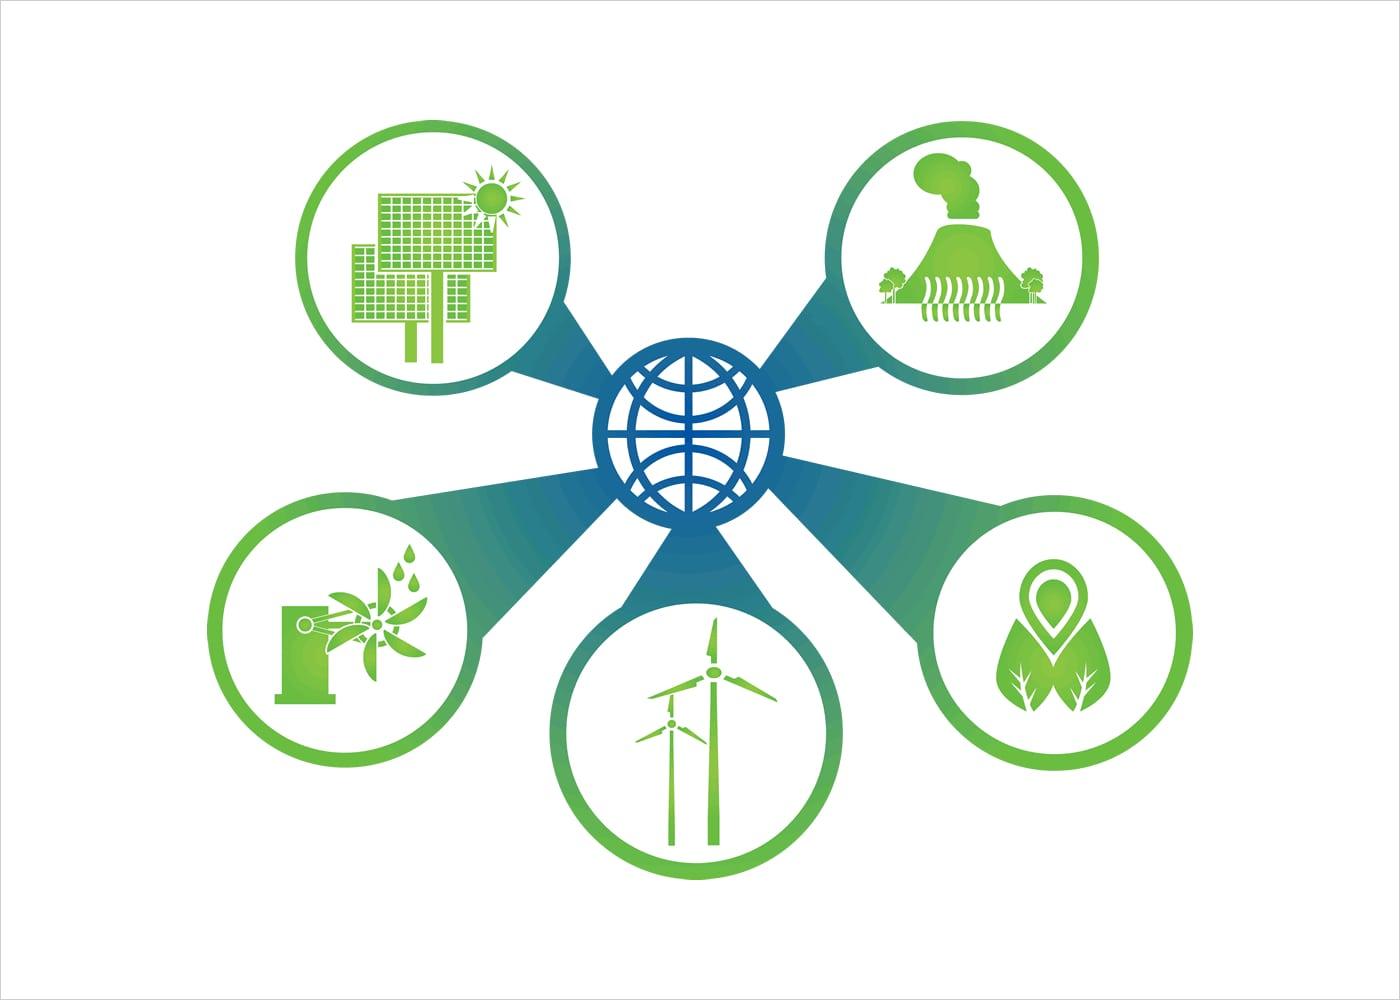 naem-webinar-2017-ehs-regulatory-hot-spots-around-the-world-700x500